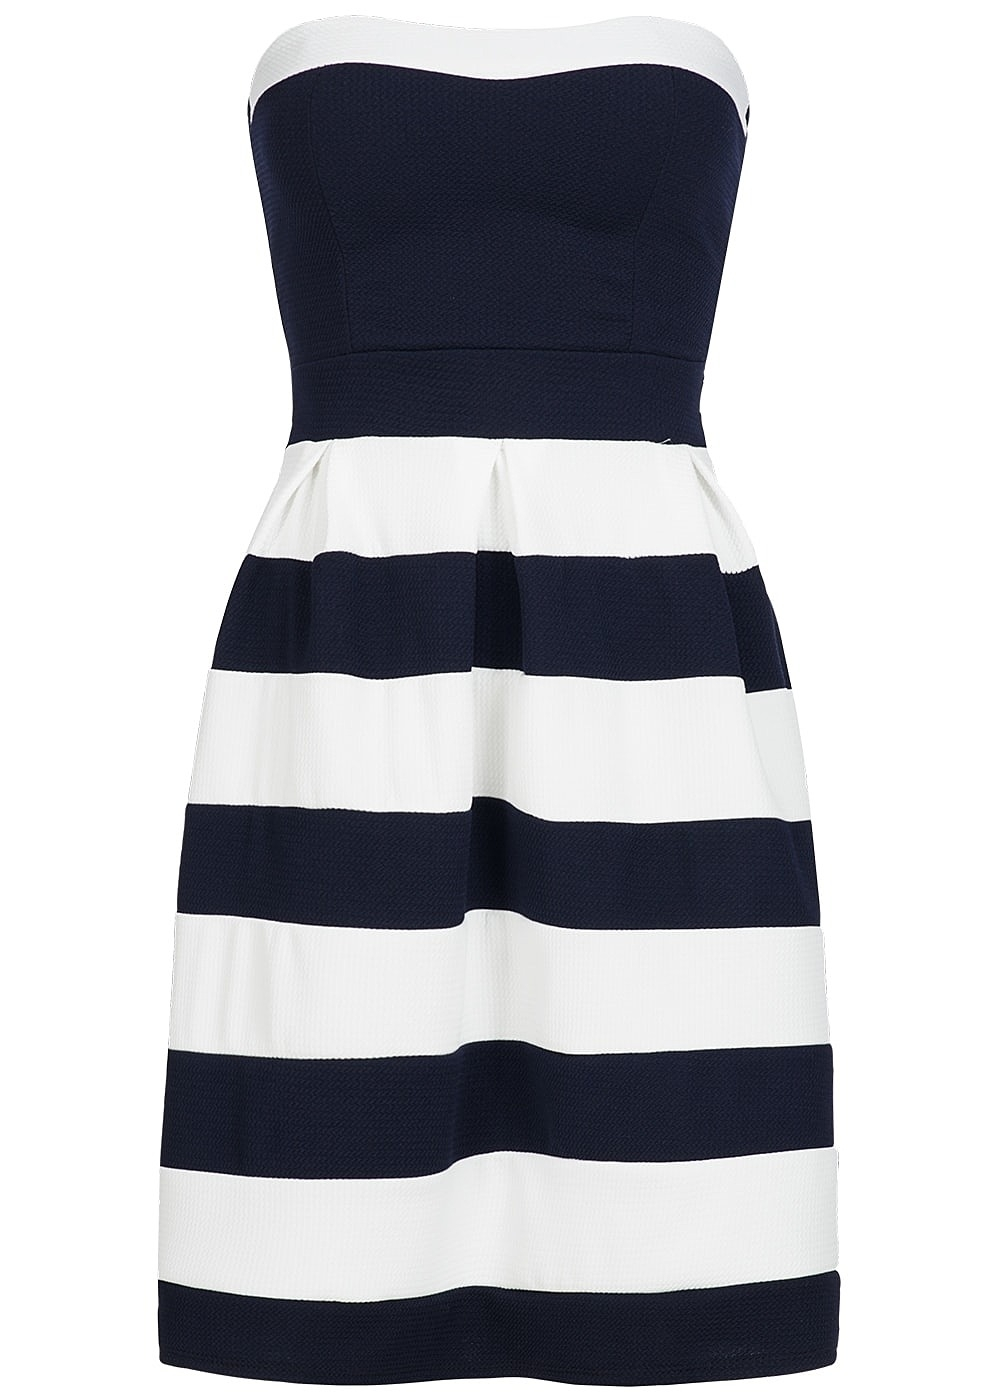 Formal Erstaunlich Kleid Blau Weiß SpezialgebietAbend Kreativ Kleid Blau Weiß Ärmel